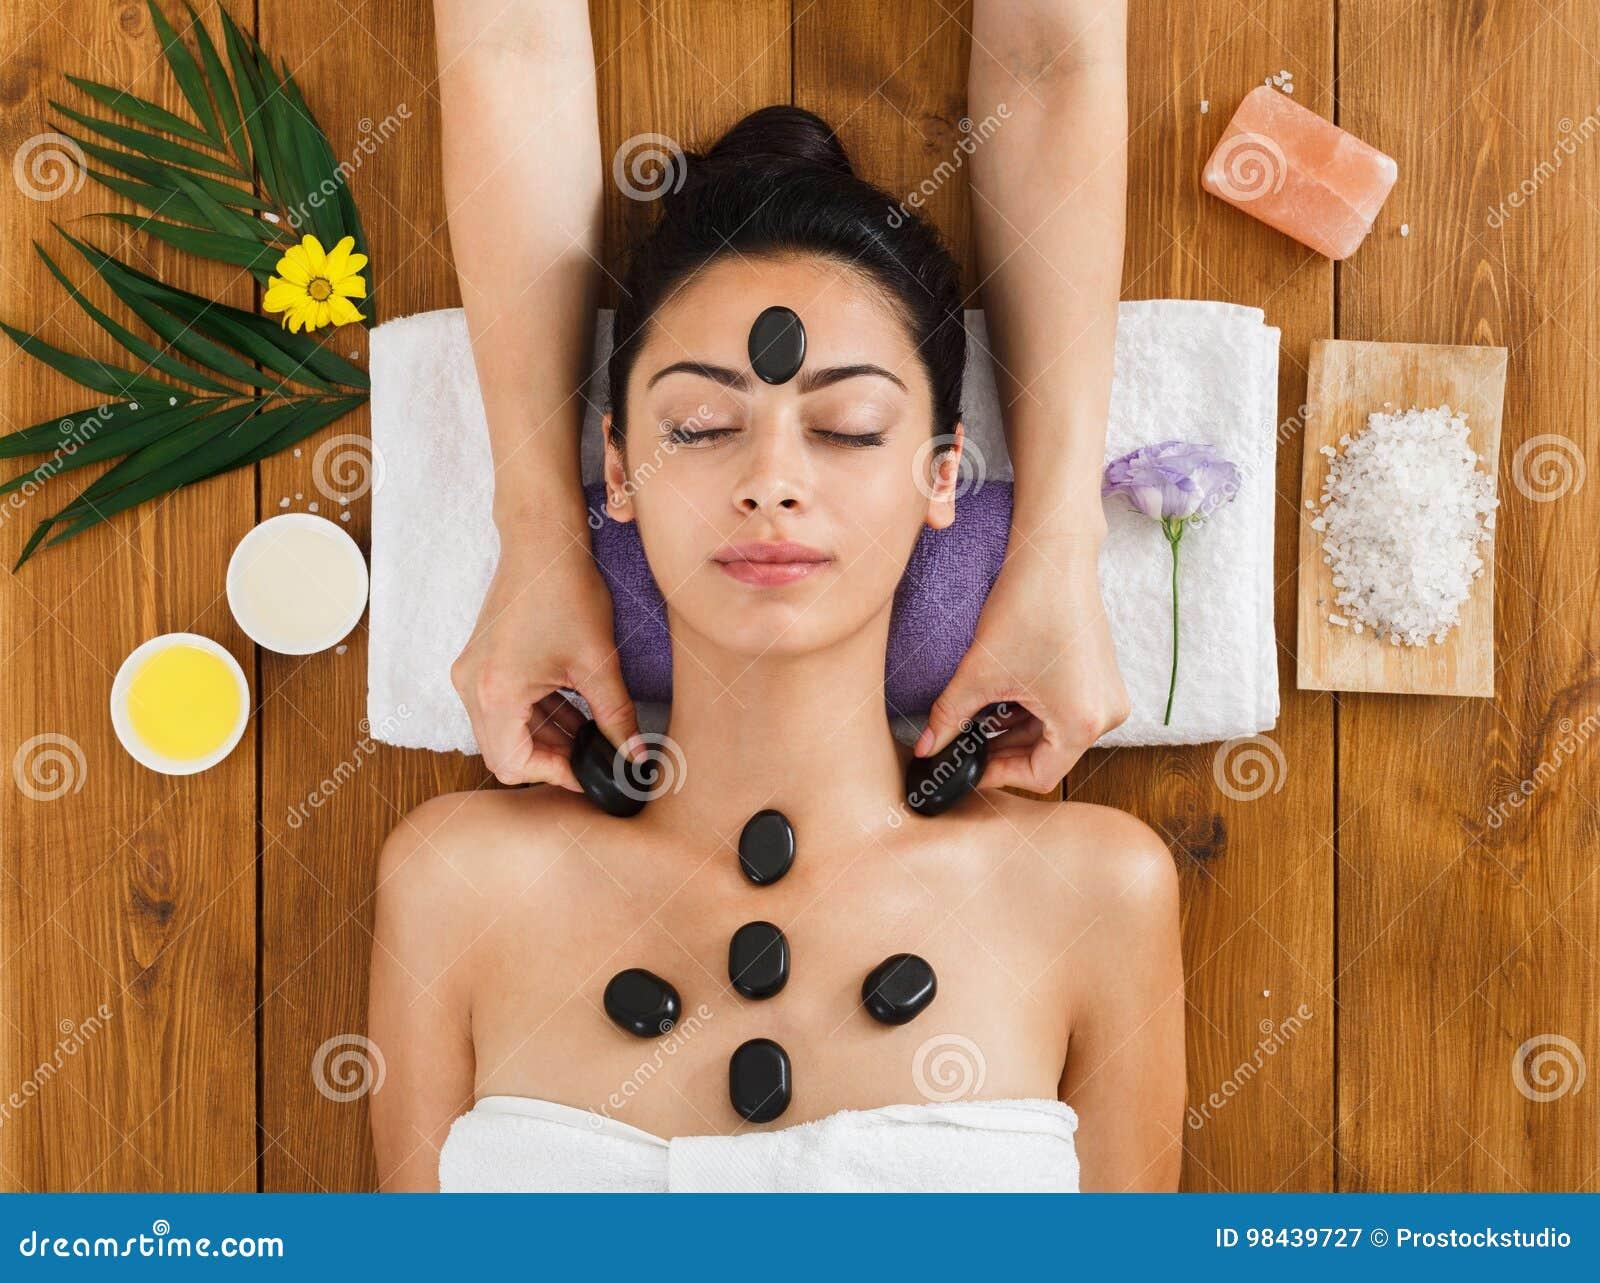 Девушка делает массаж сверху спа эротический массаж салон москва